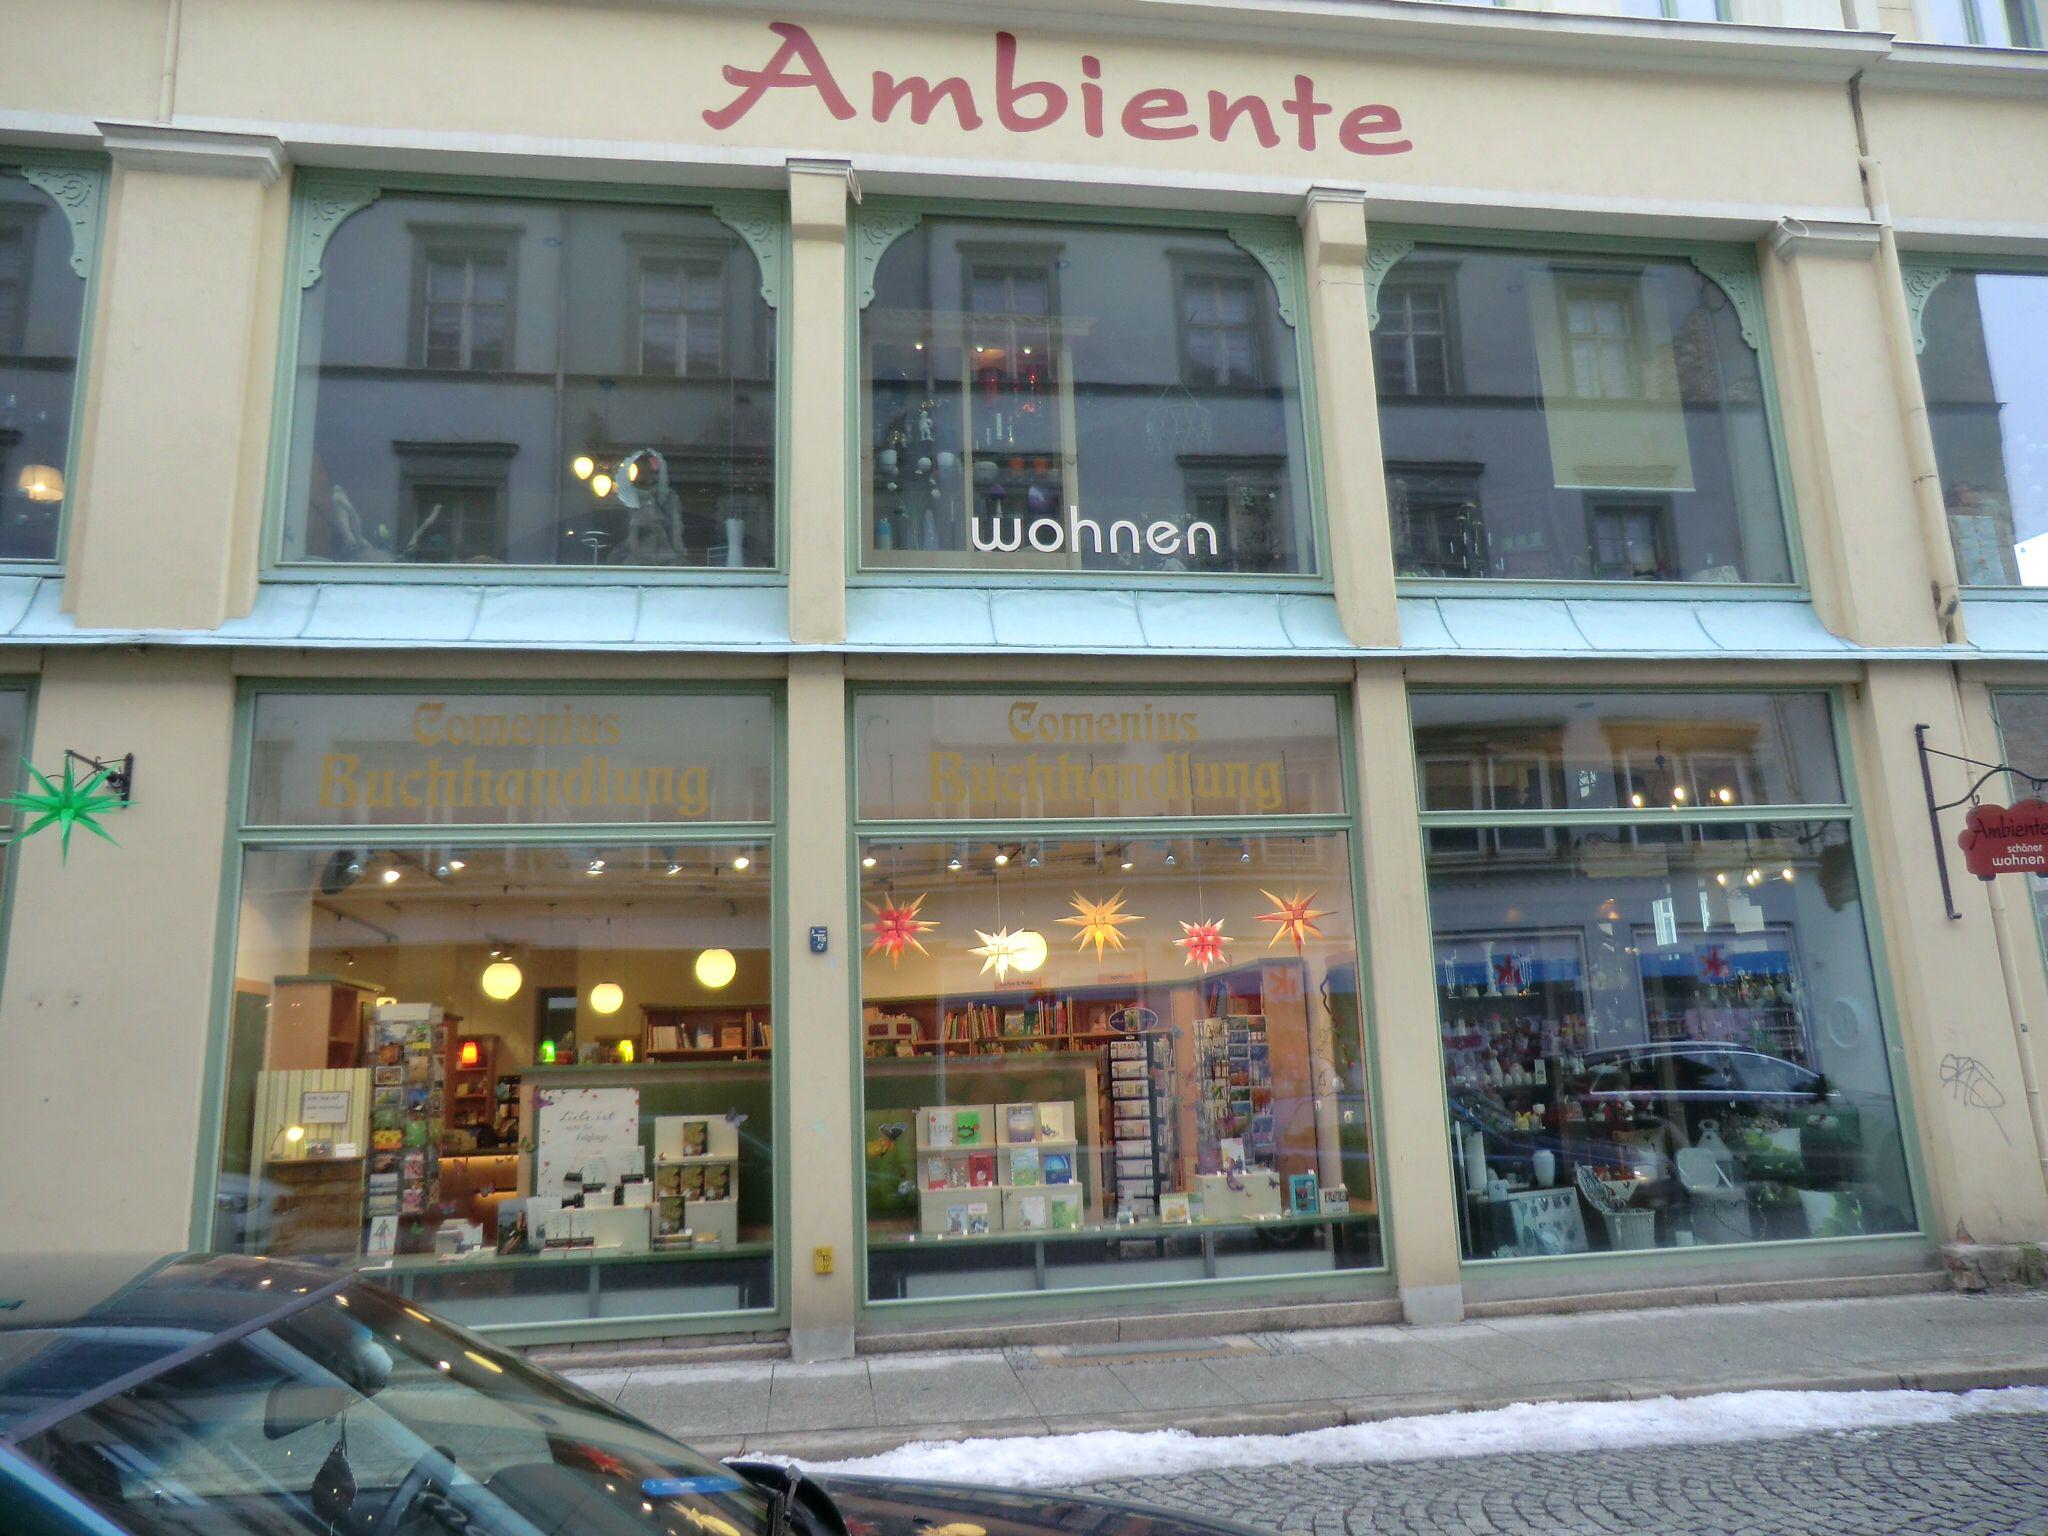 Comeniusbuchhandlung und WohnAmbiente auf der Steinstrasse